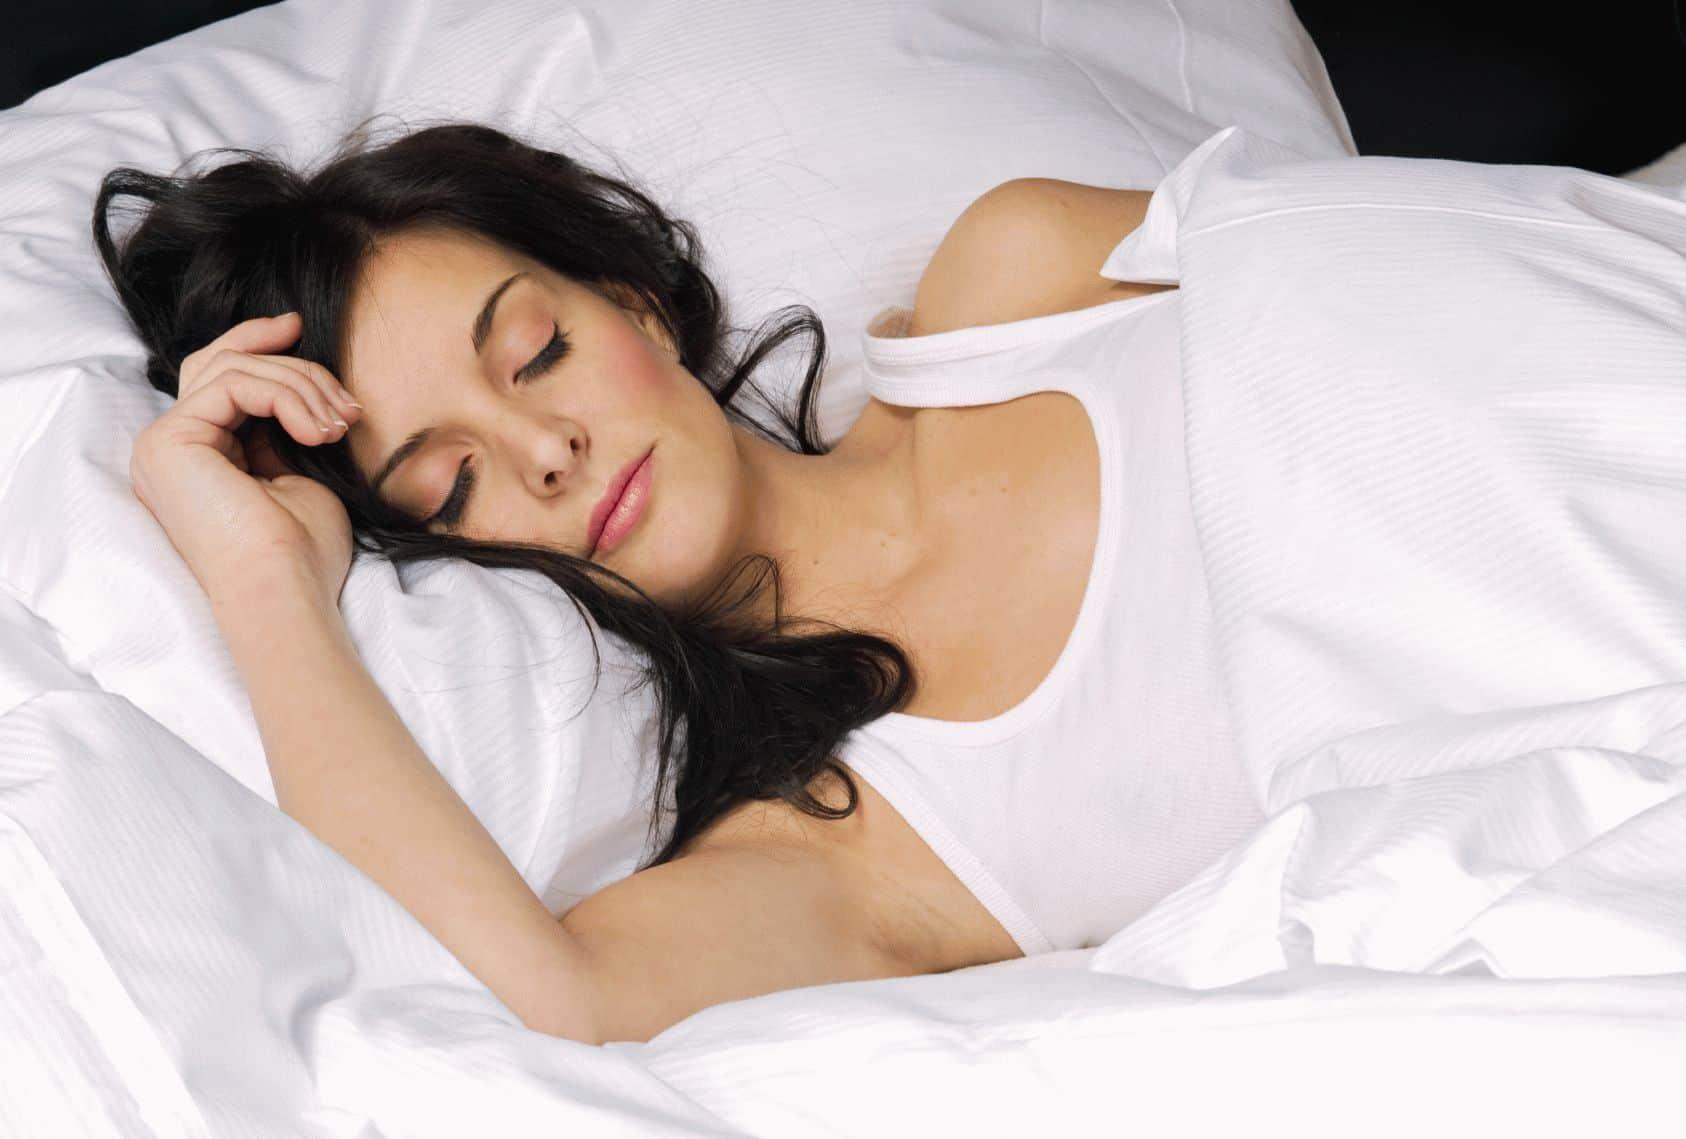 Почему снится один и тот же человек несколько ночей подряд?